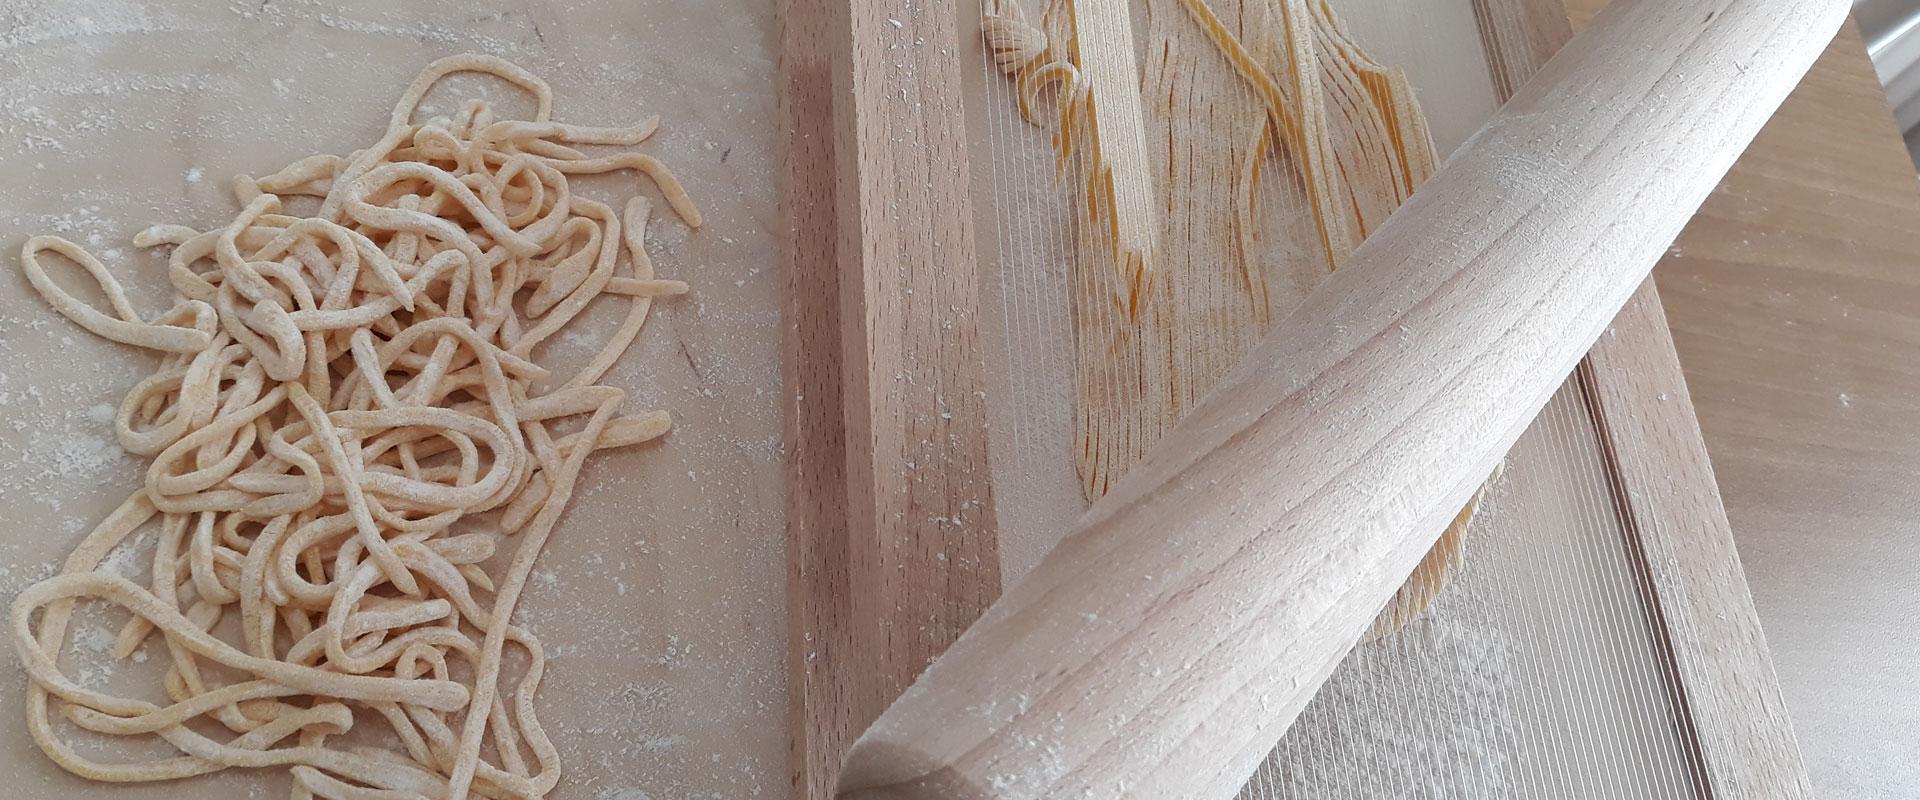 Spaghetti alla chitarra con vongole, zucchine e mazzancolle